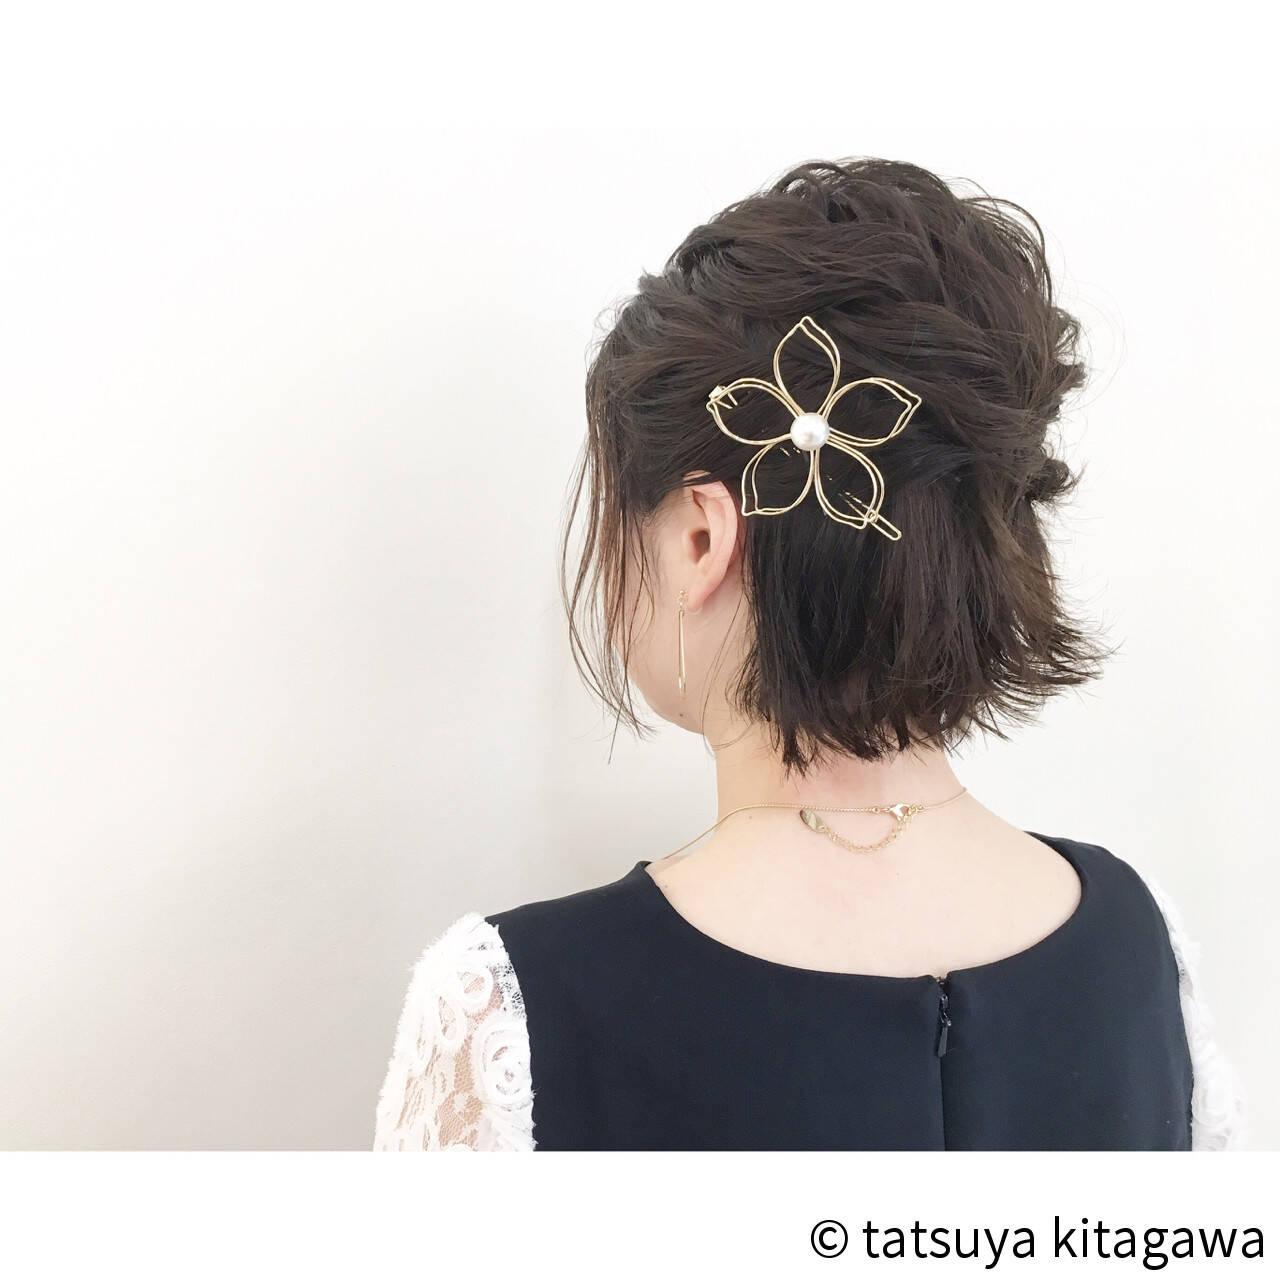 黒髪 結婚式 ボブ ハーフアップヘアスタイルや髪型の写真・画像